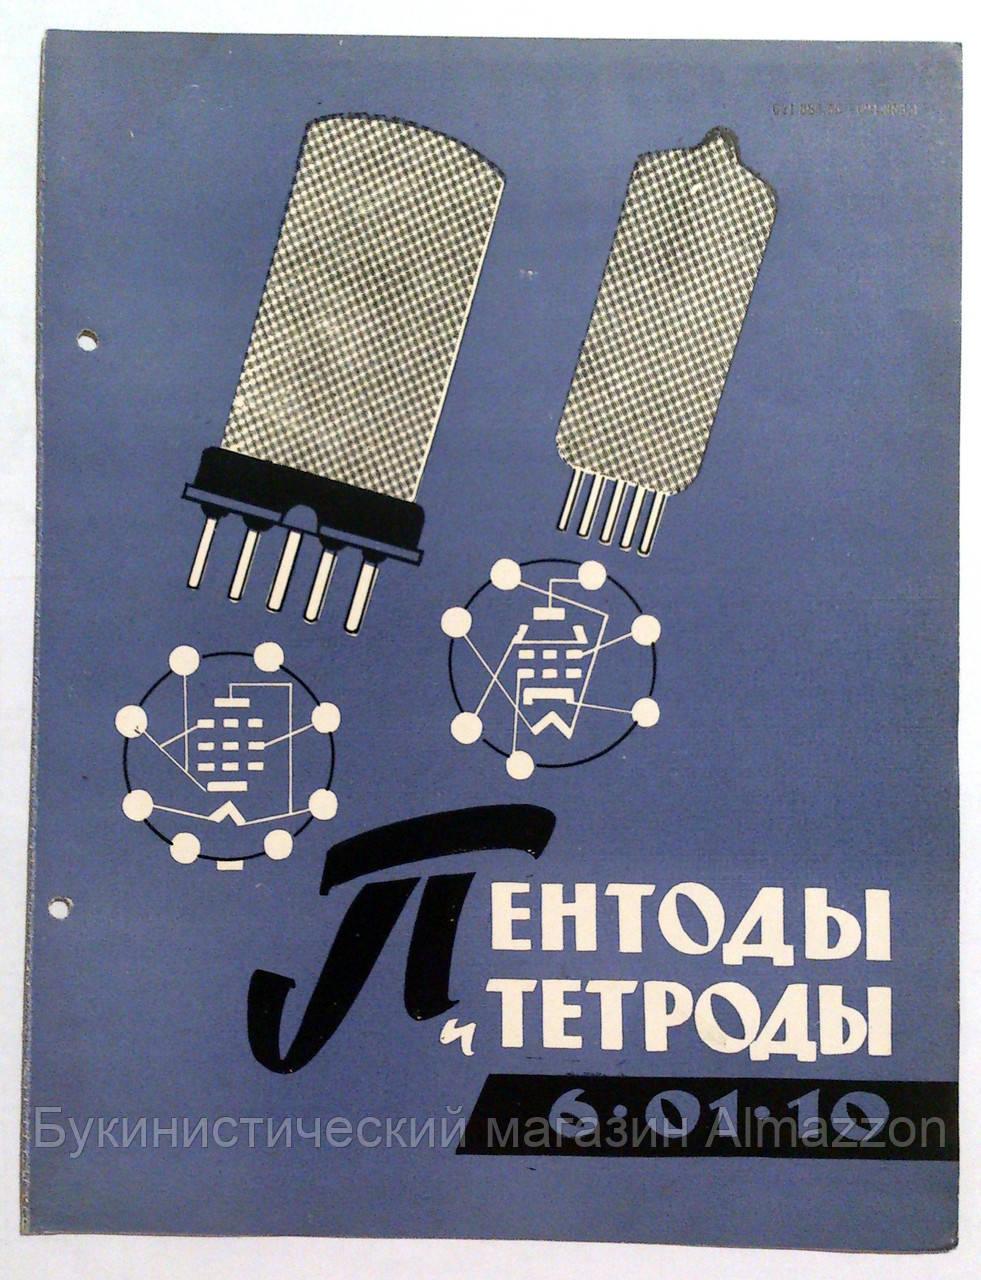 """Журнал (Бюллетень) """"Пентоды и тетроды 6-01.10"""" (обложка)"""